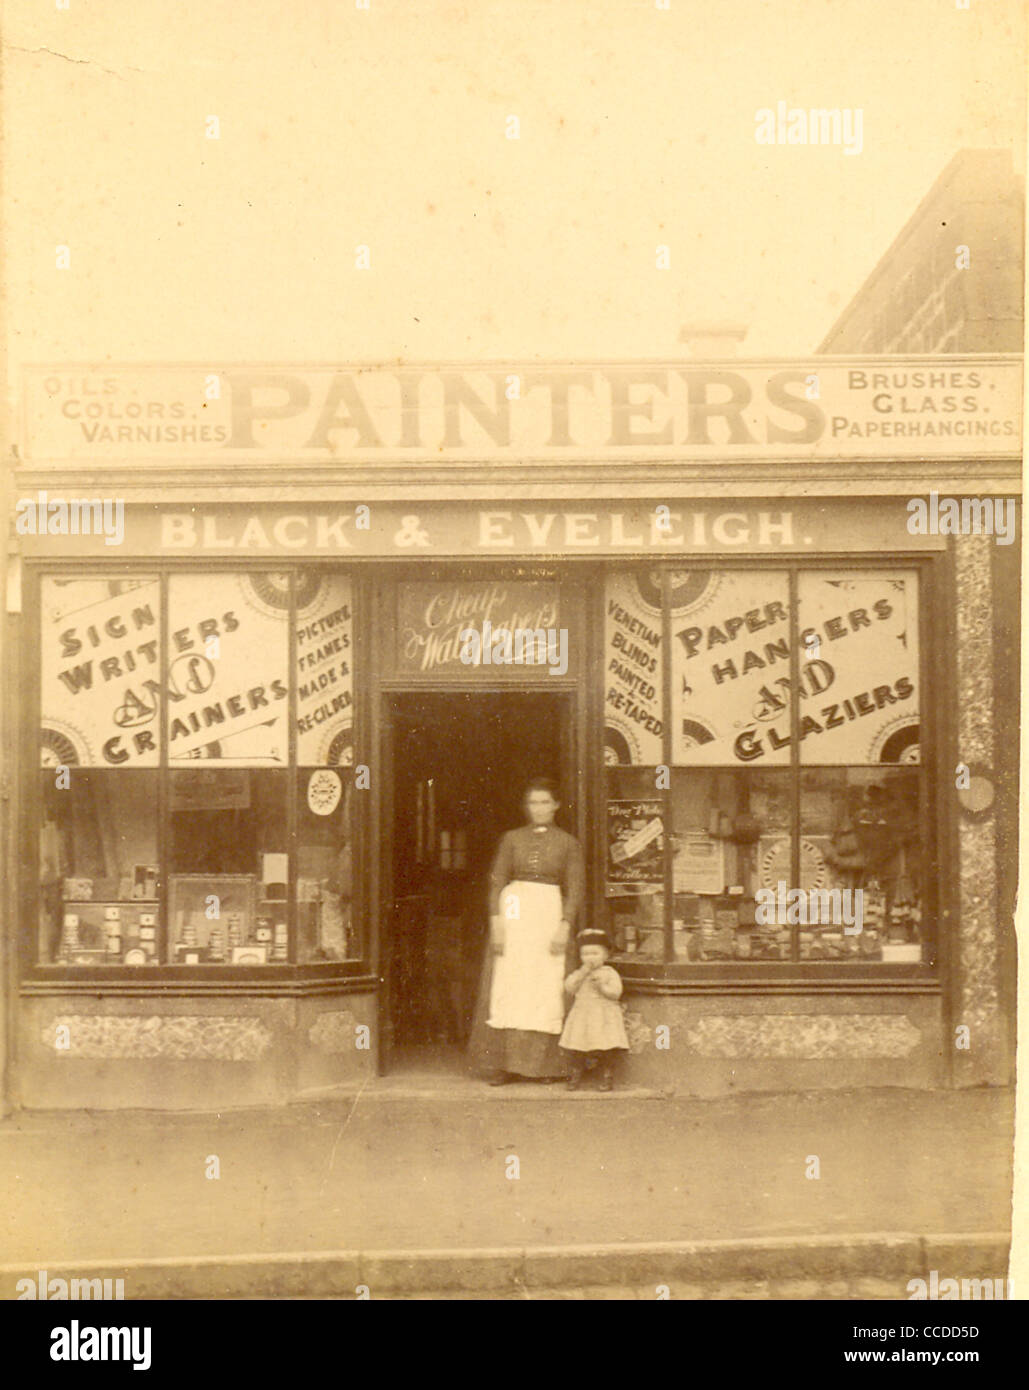 Fotografía de gabinete de la tienda de escritores y pintores de signos, Black & Eveleigh alrededor de 1895 Foto de stock